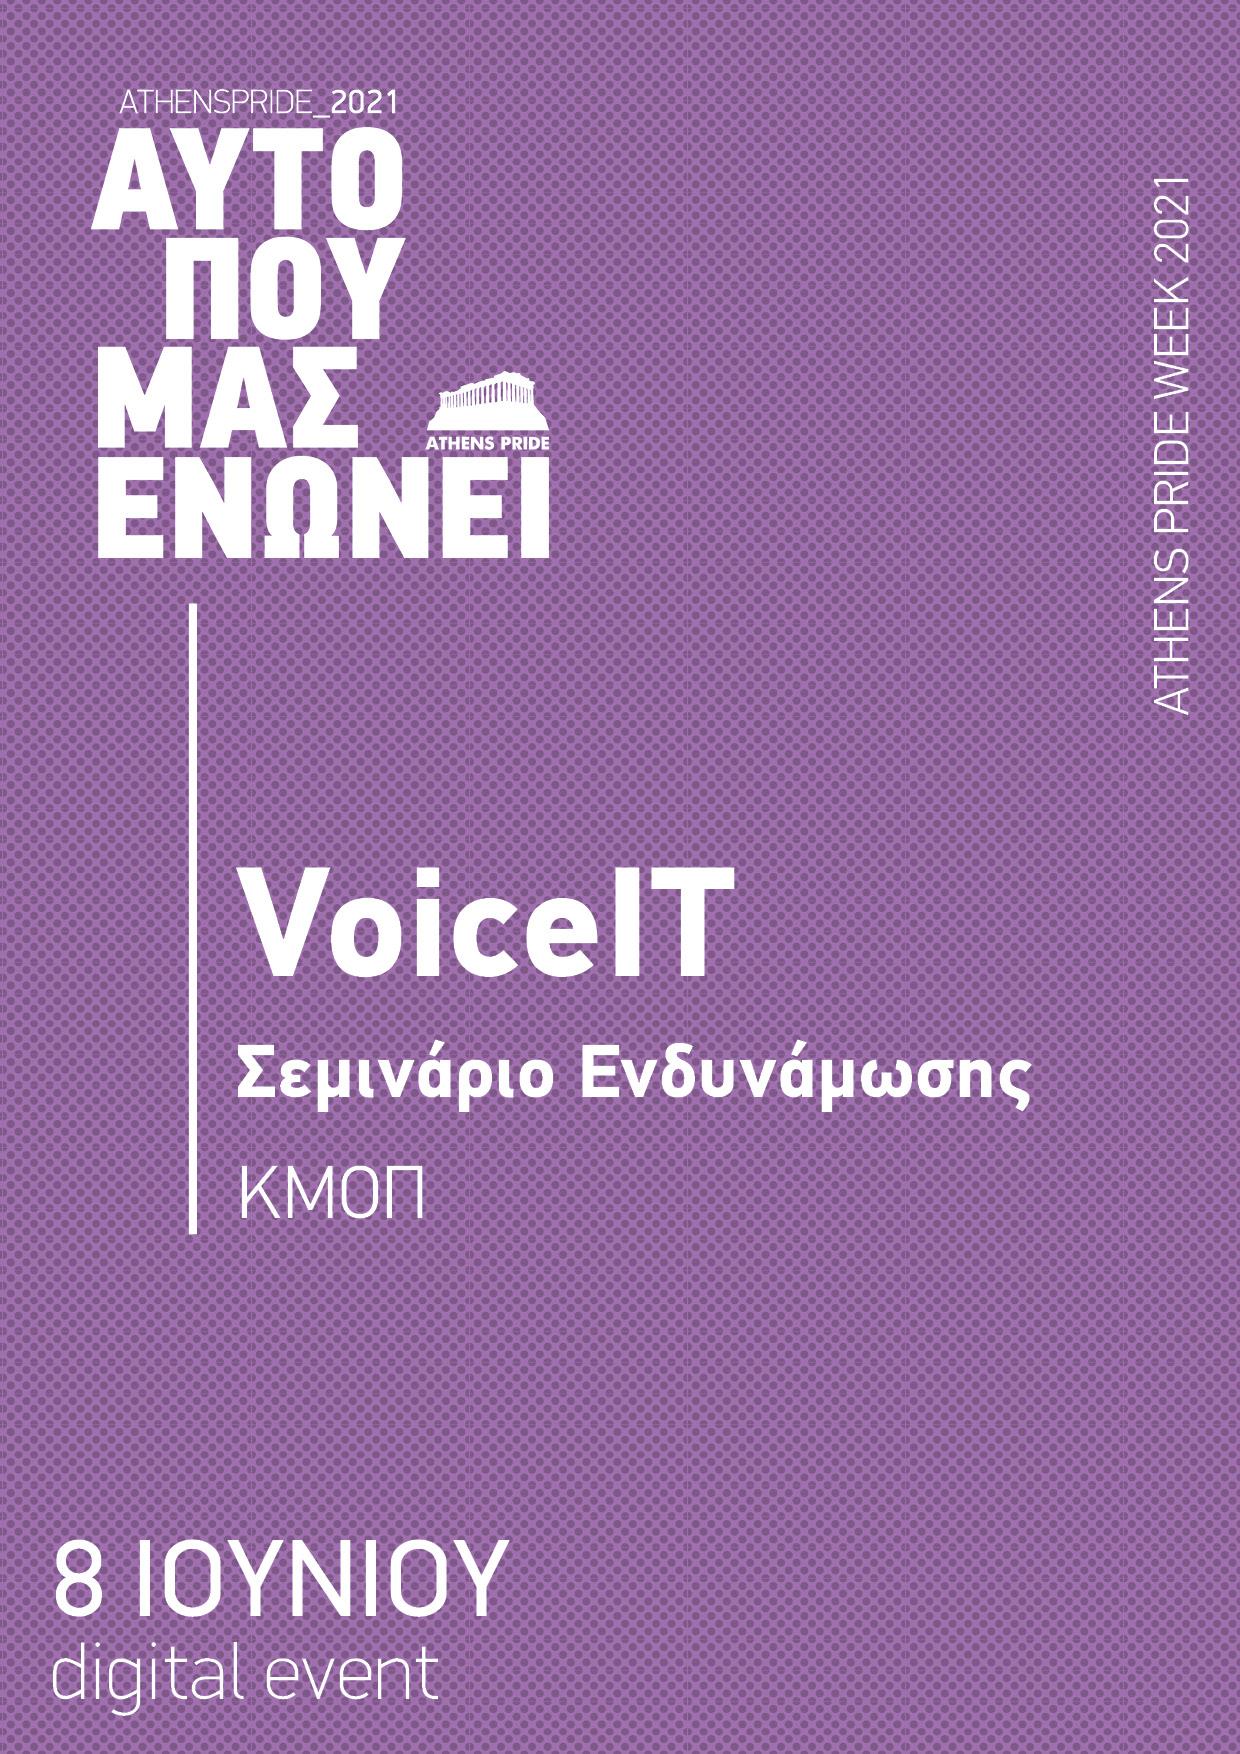 αφίσα εκδήλωσης στο πλαίσιο Athens Pride Week με ανοιχτό μωβ φόντο